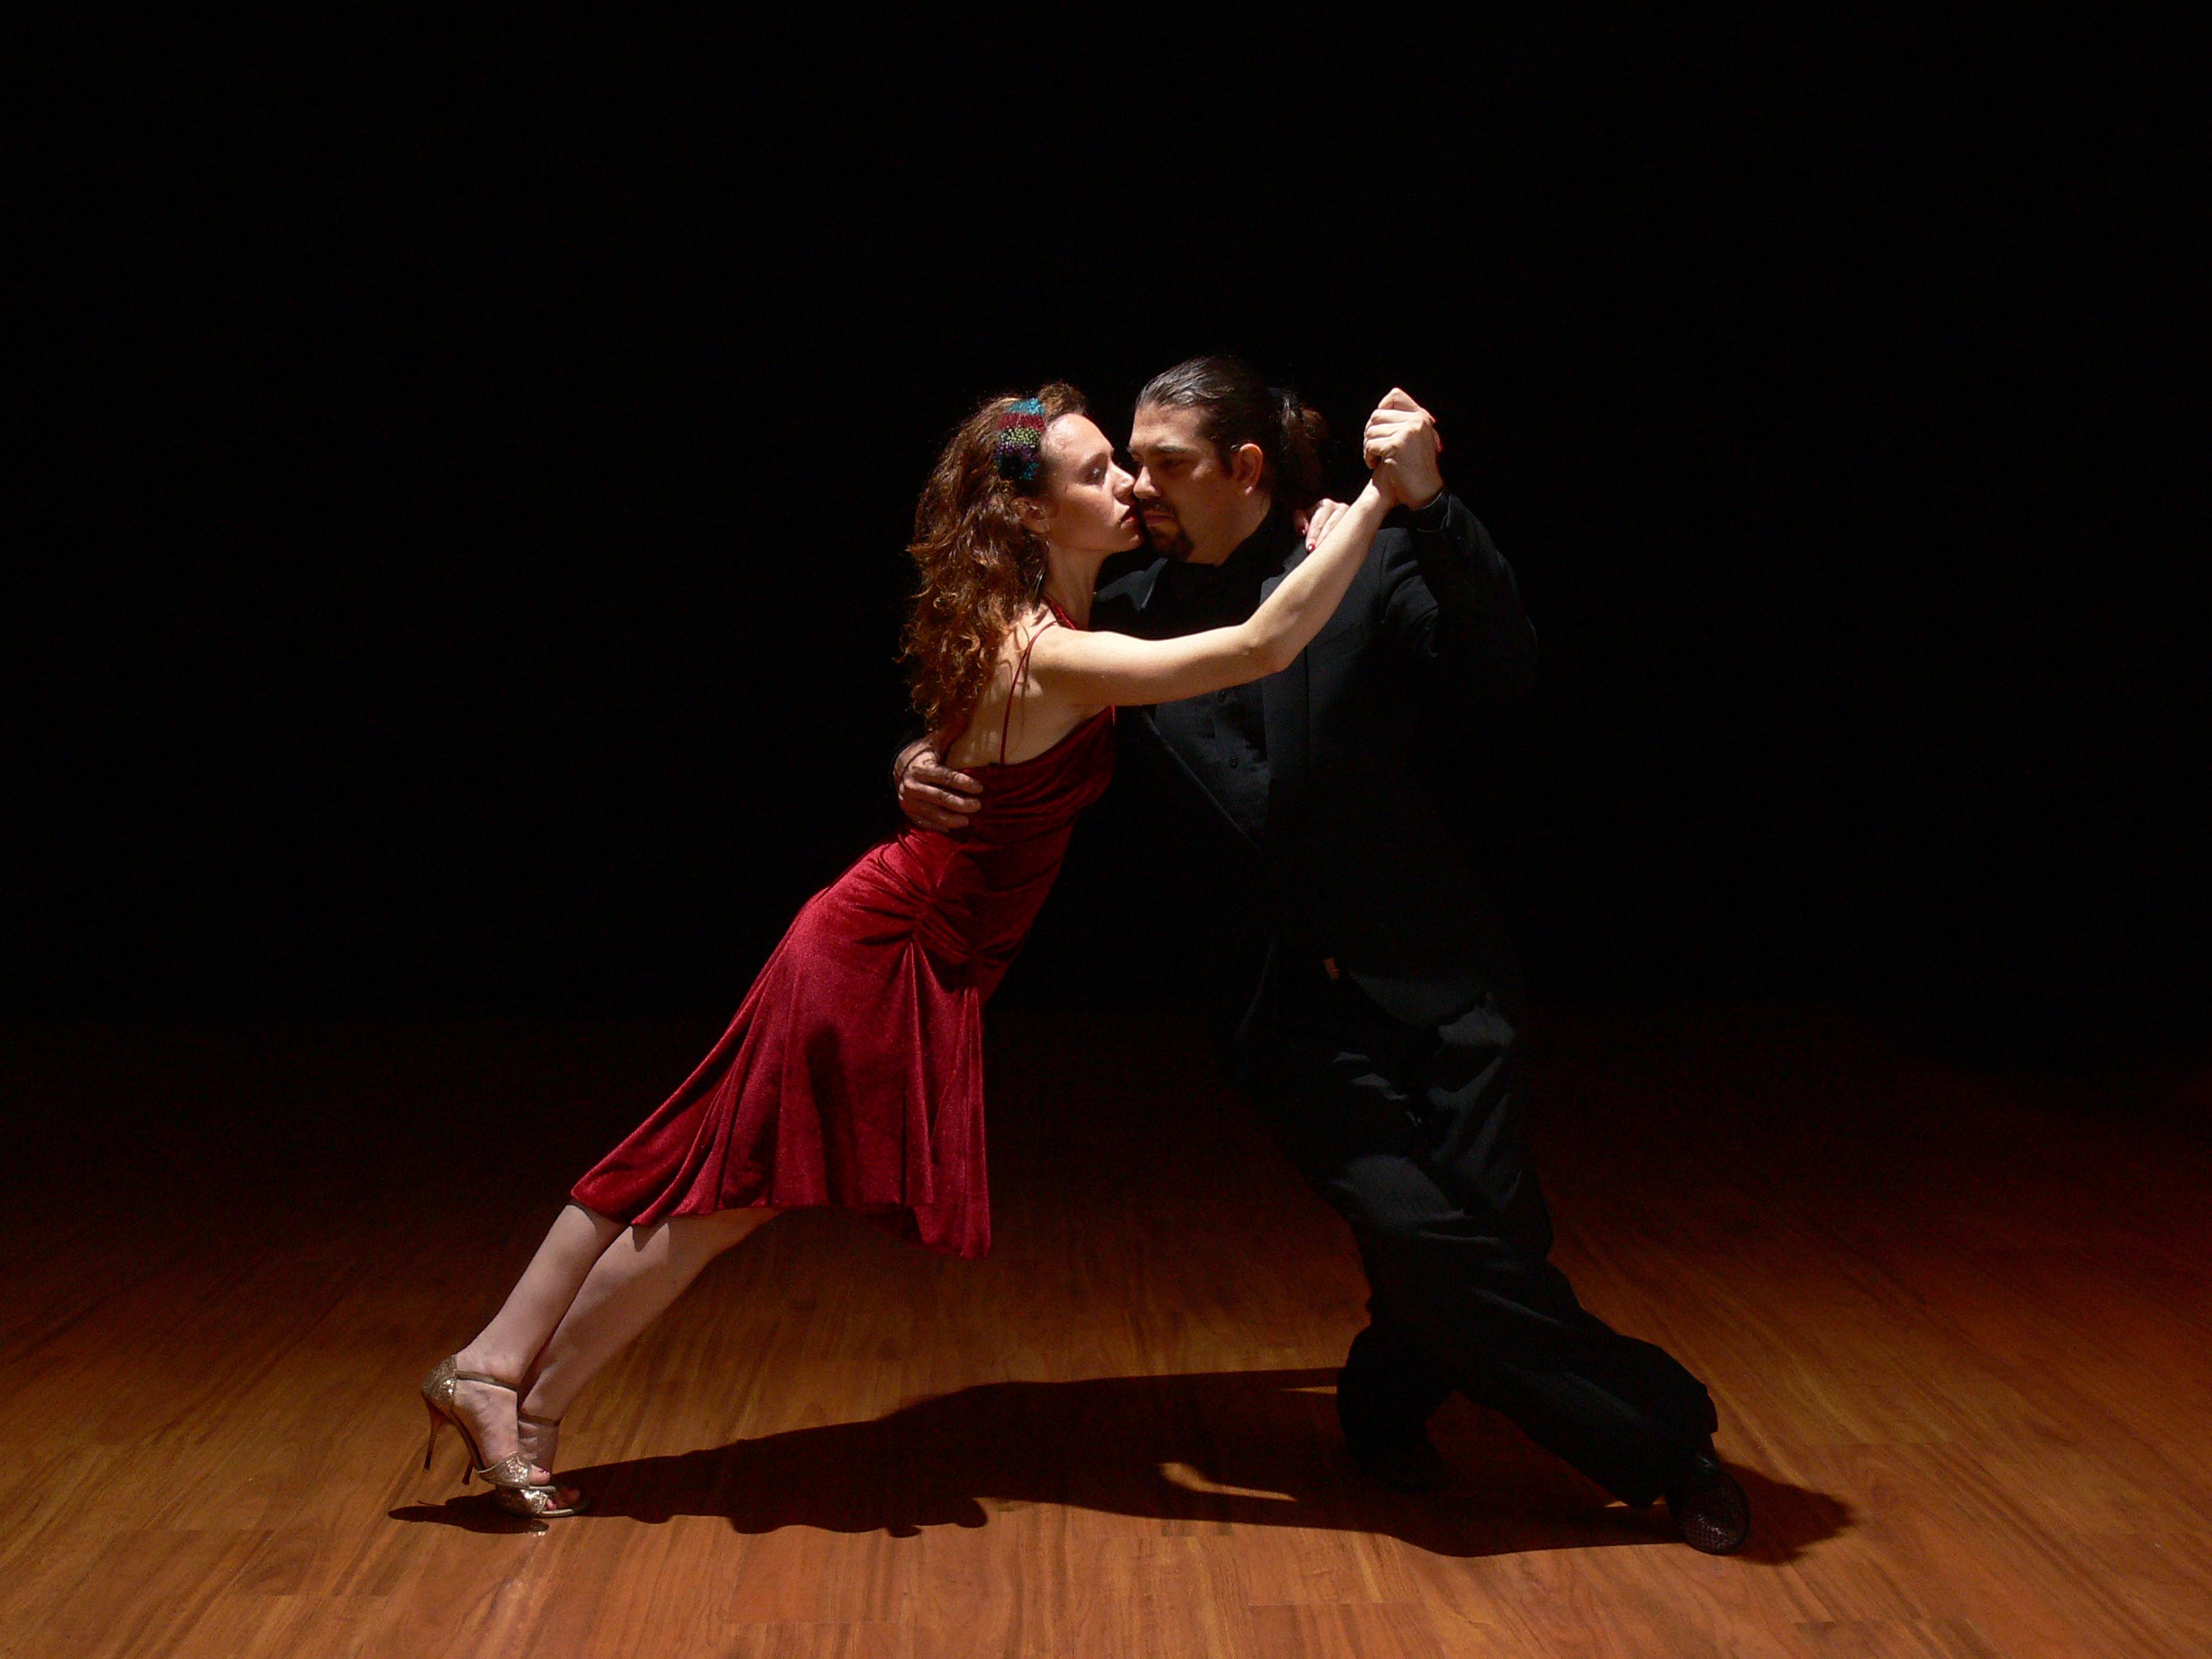 Antwerpen Tango